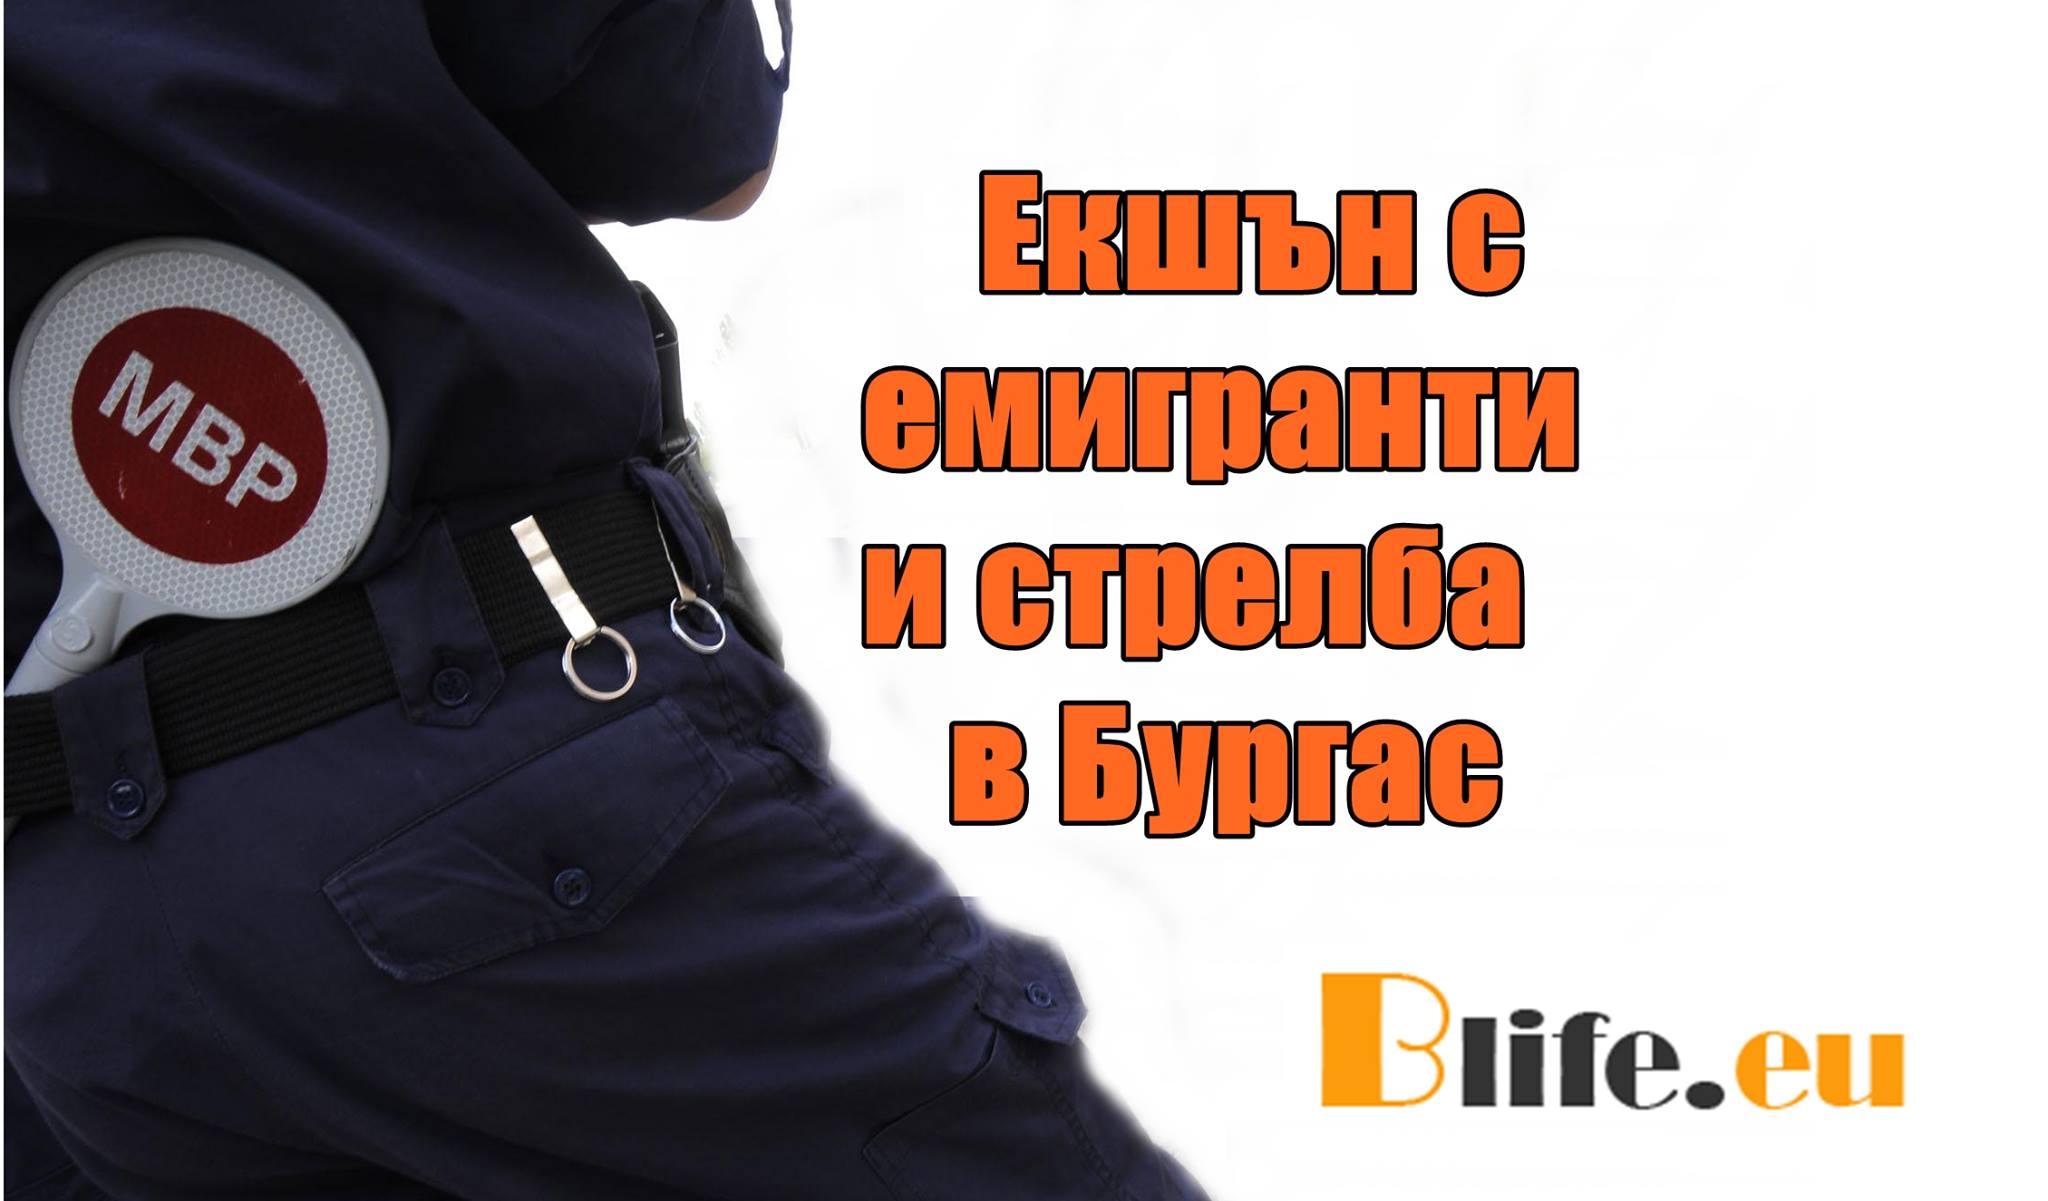 Екшън с преследване и стрелба по мигранти в Бургас